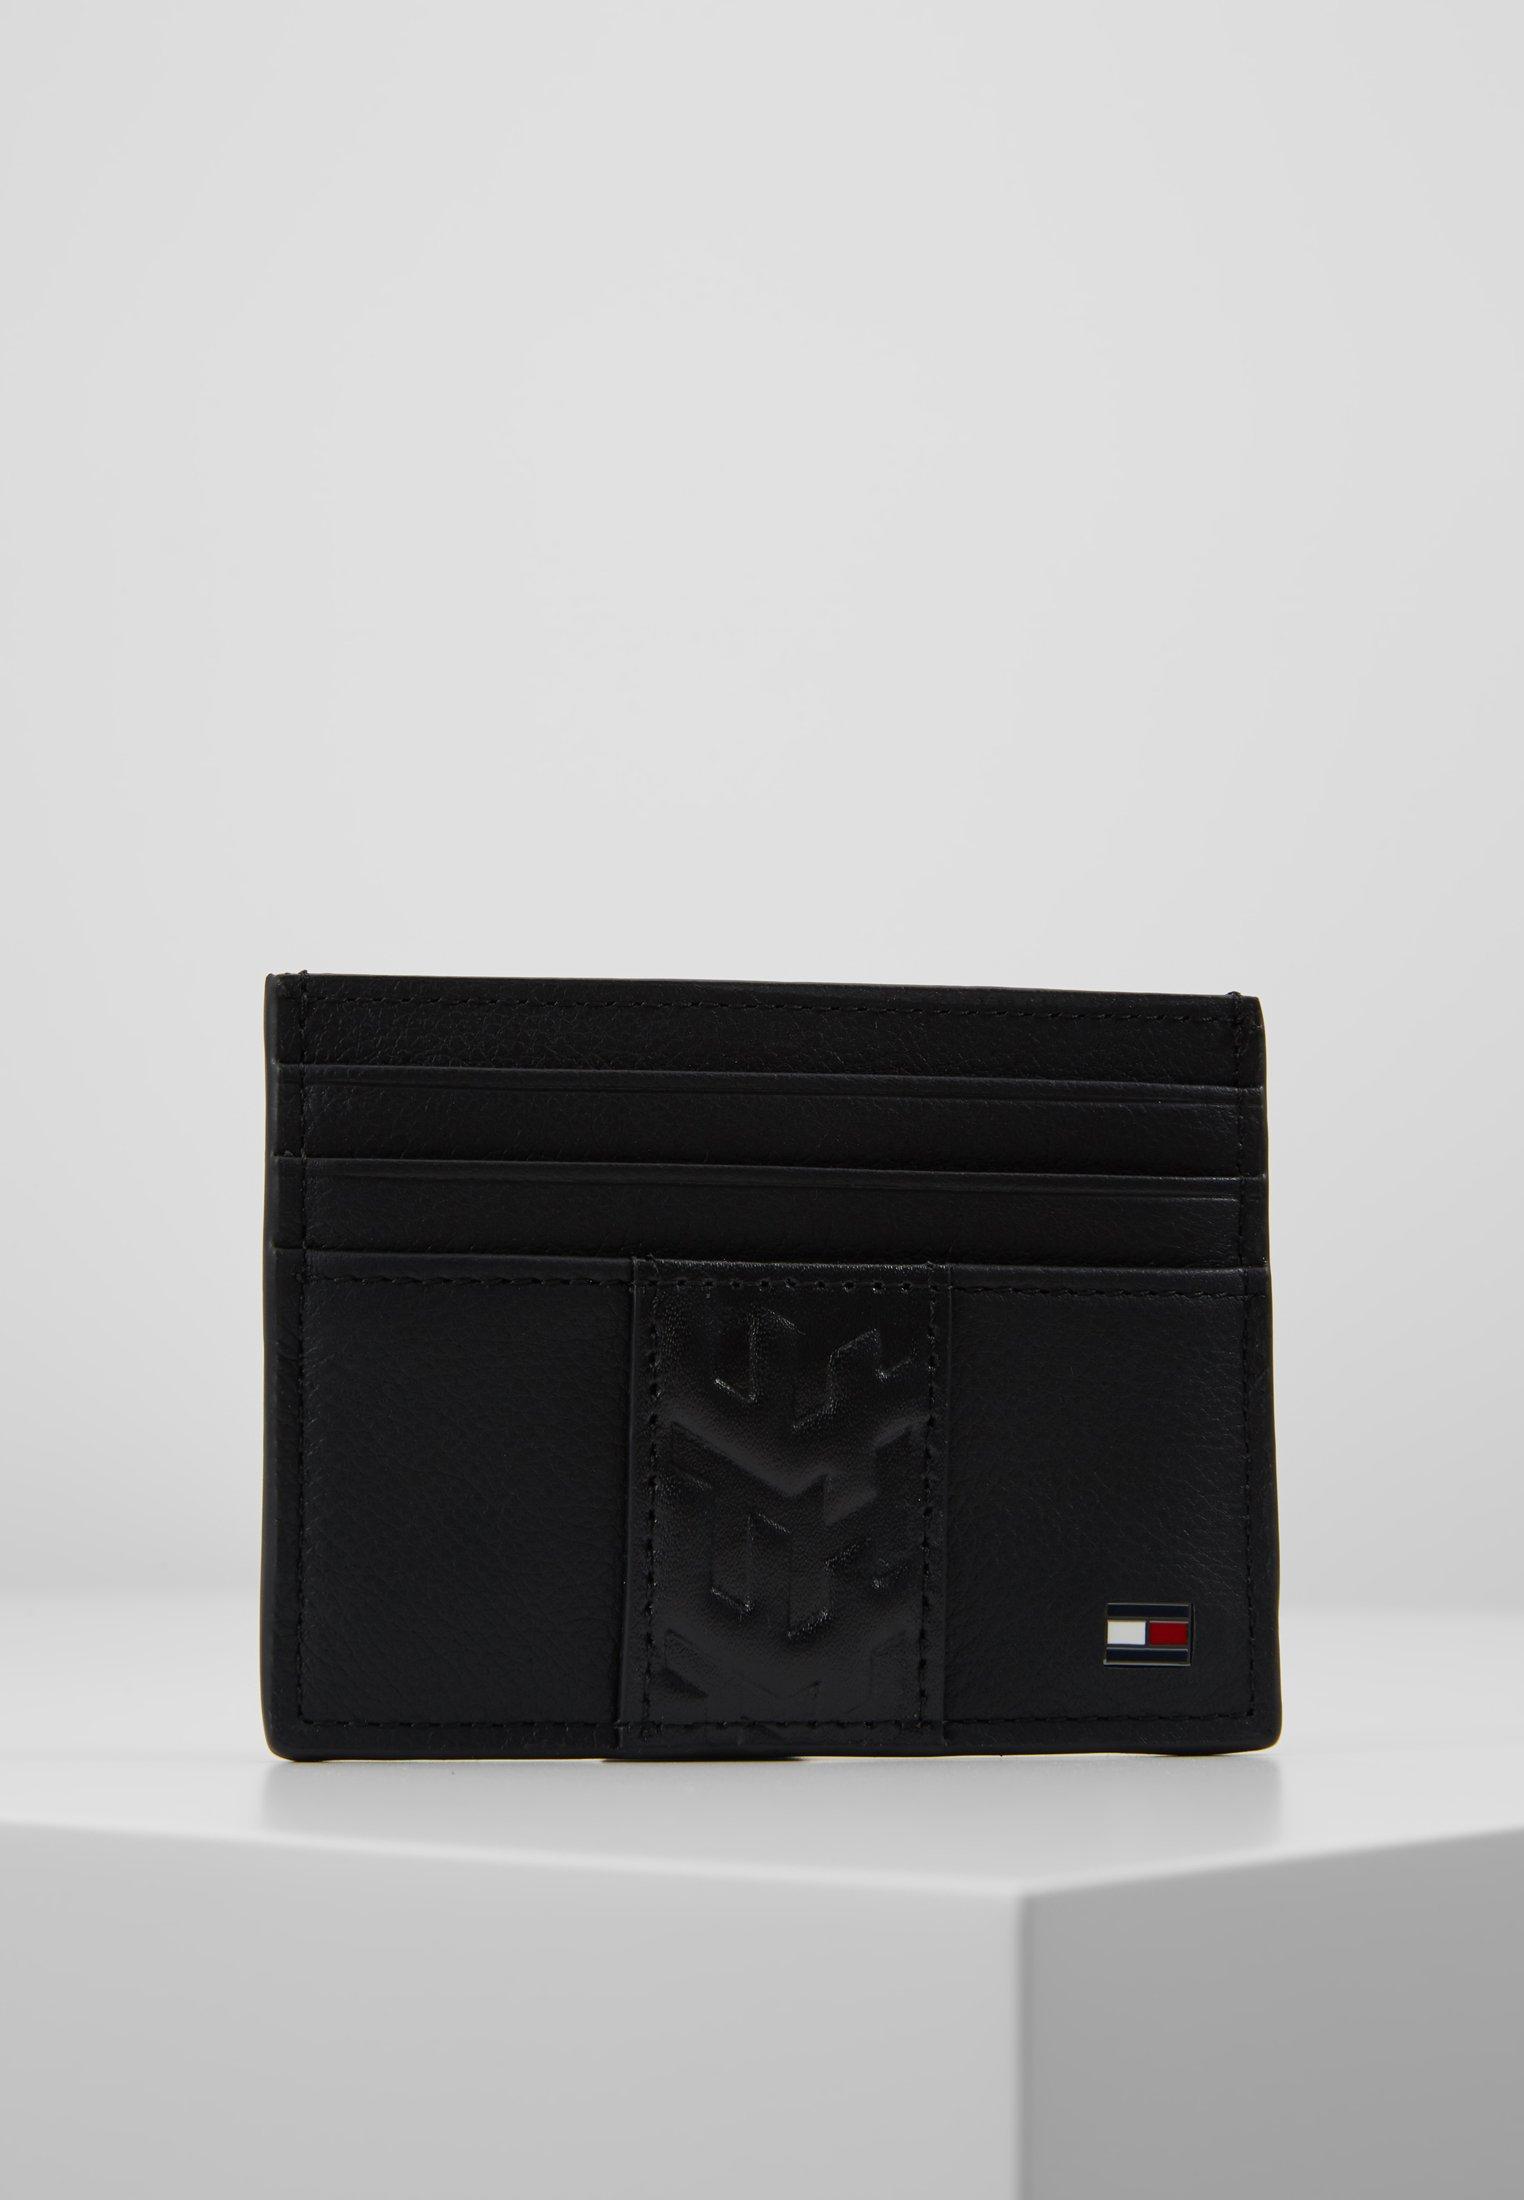 köpa plånbok online